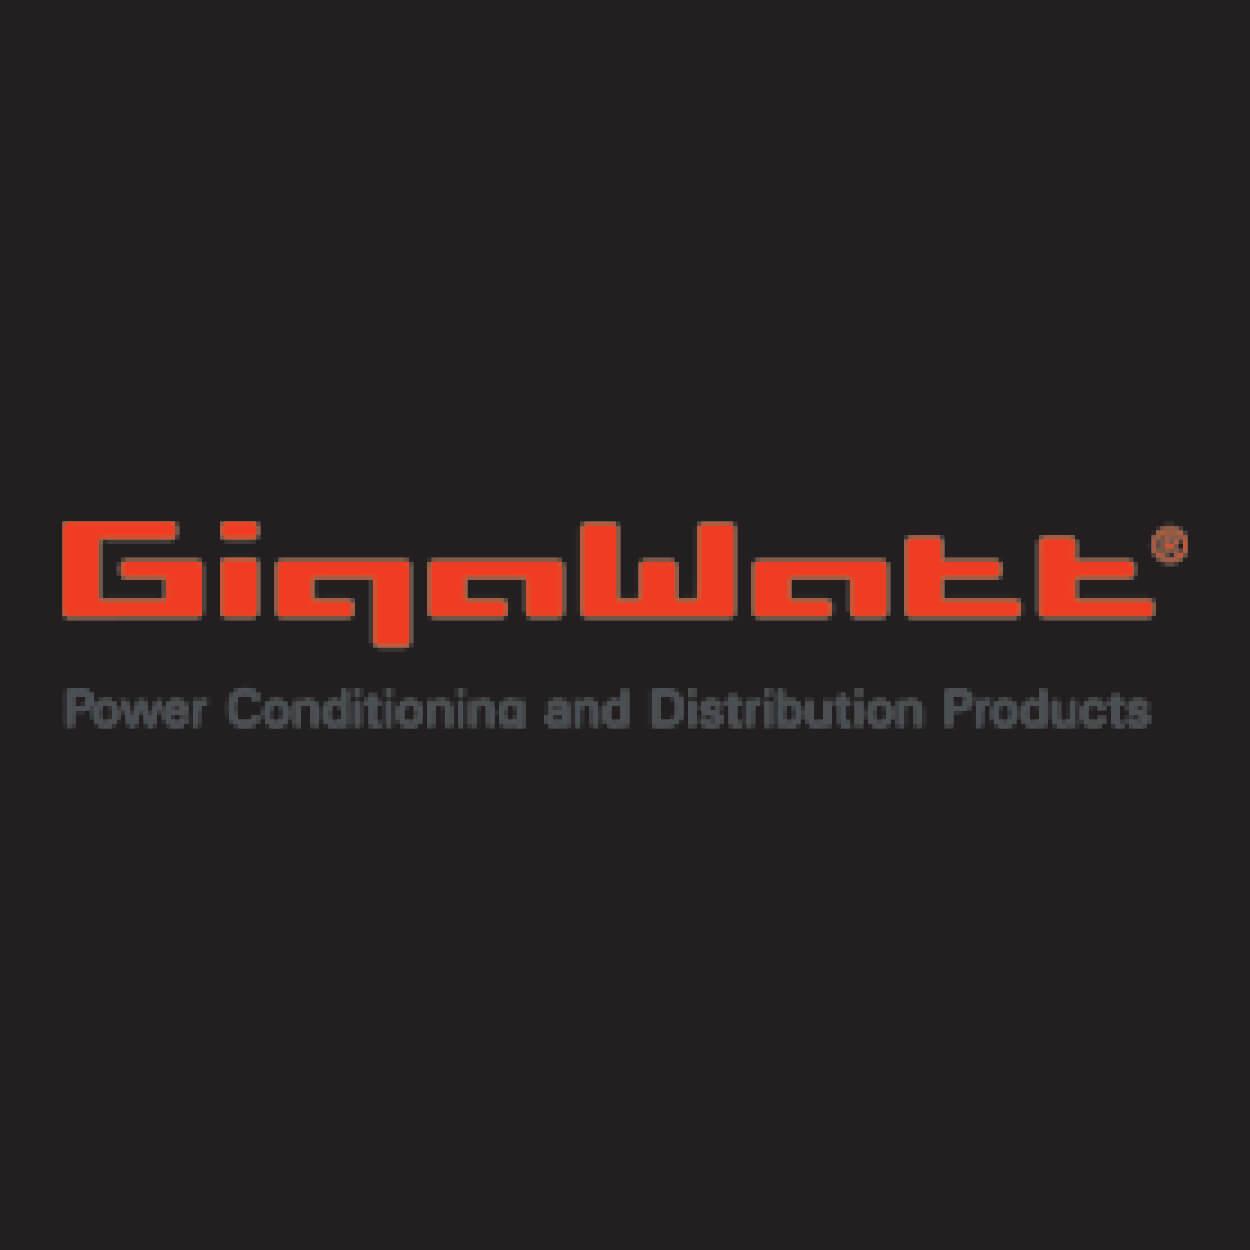 logo_gigawatt2